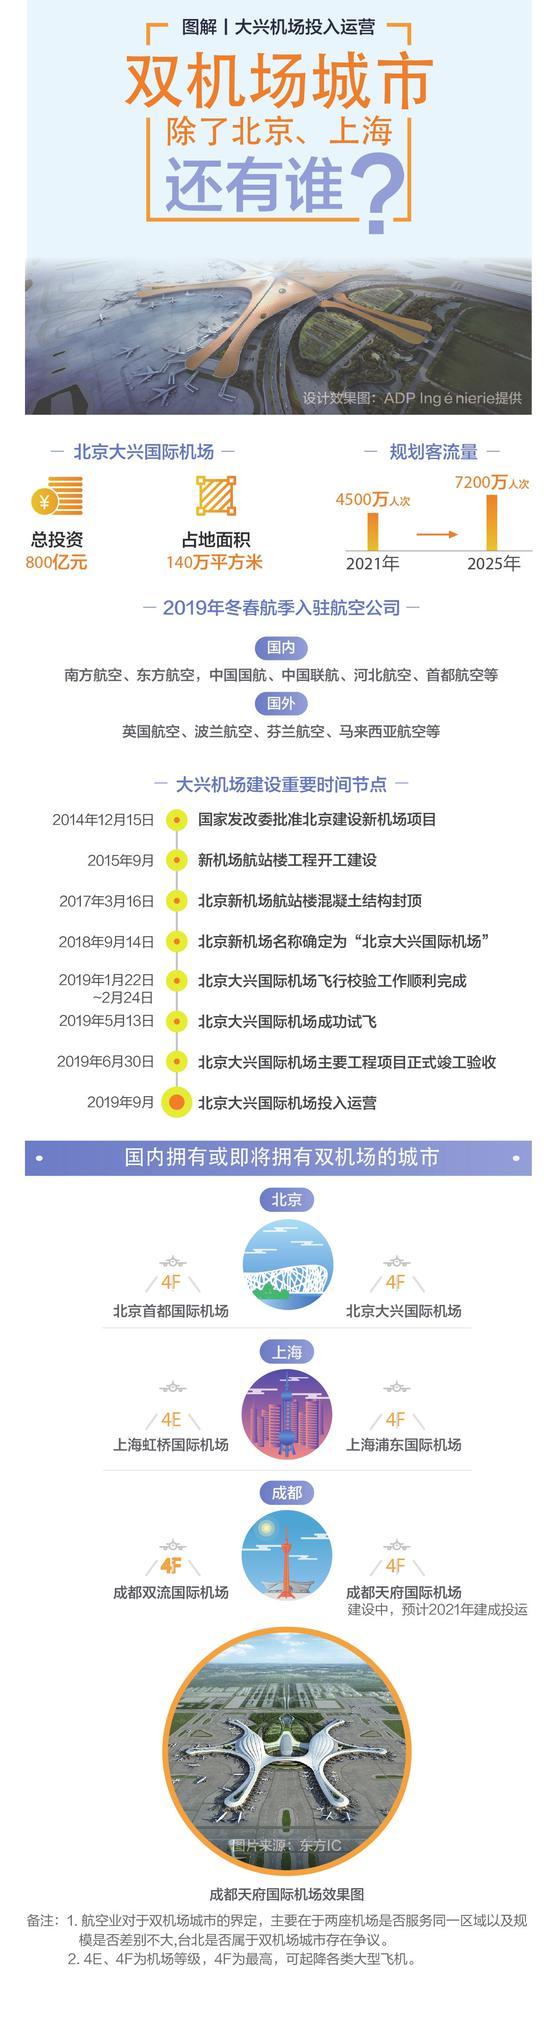 北京信和嘉园小区停车位32万1个只能用40年 业主气炸